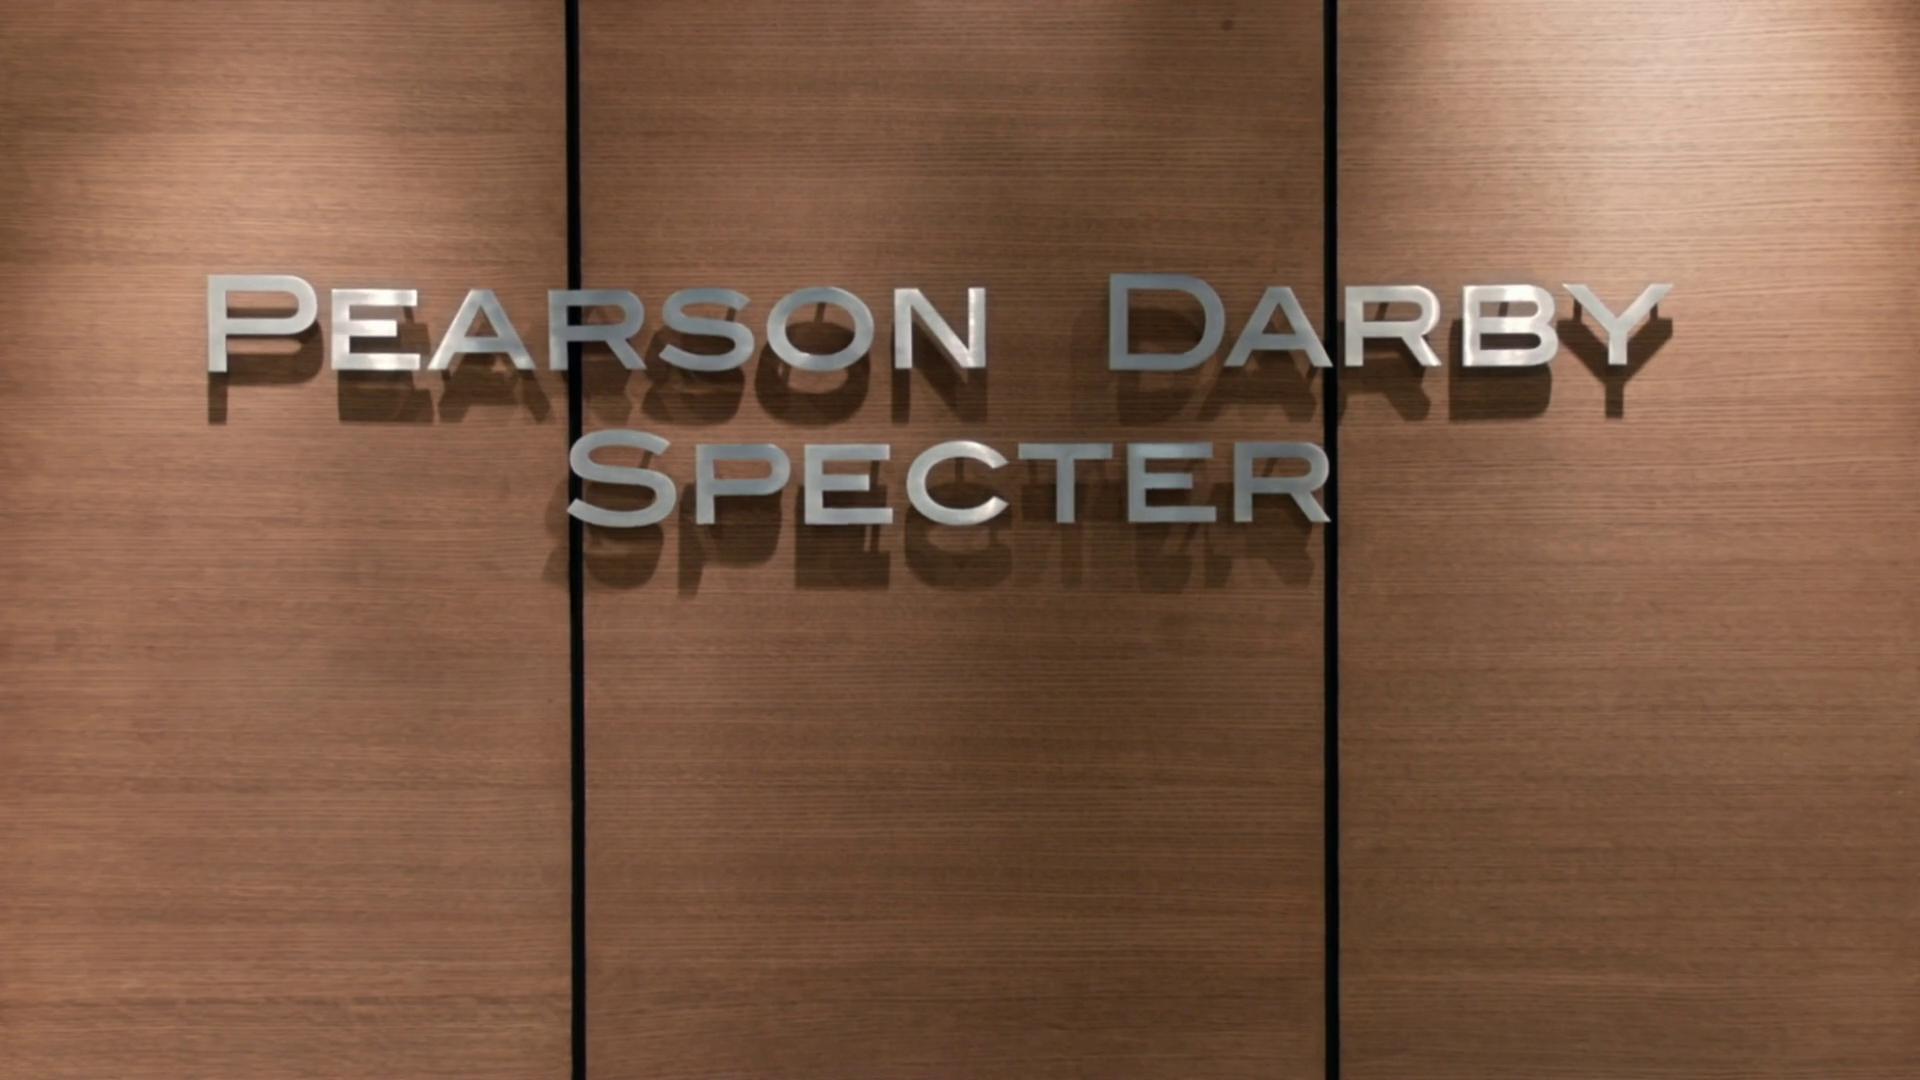 Pearson darby specter suits wiki fandom powered by wikia pearson darby specter wall sign colourmoves